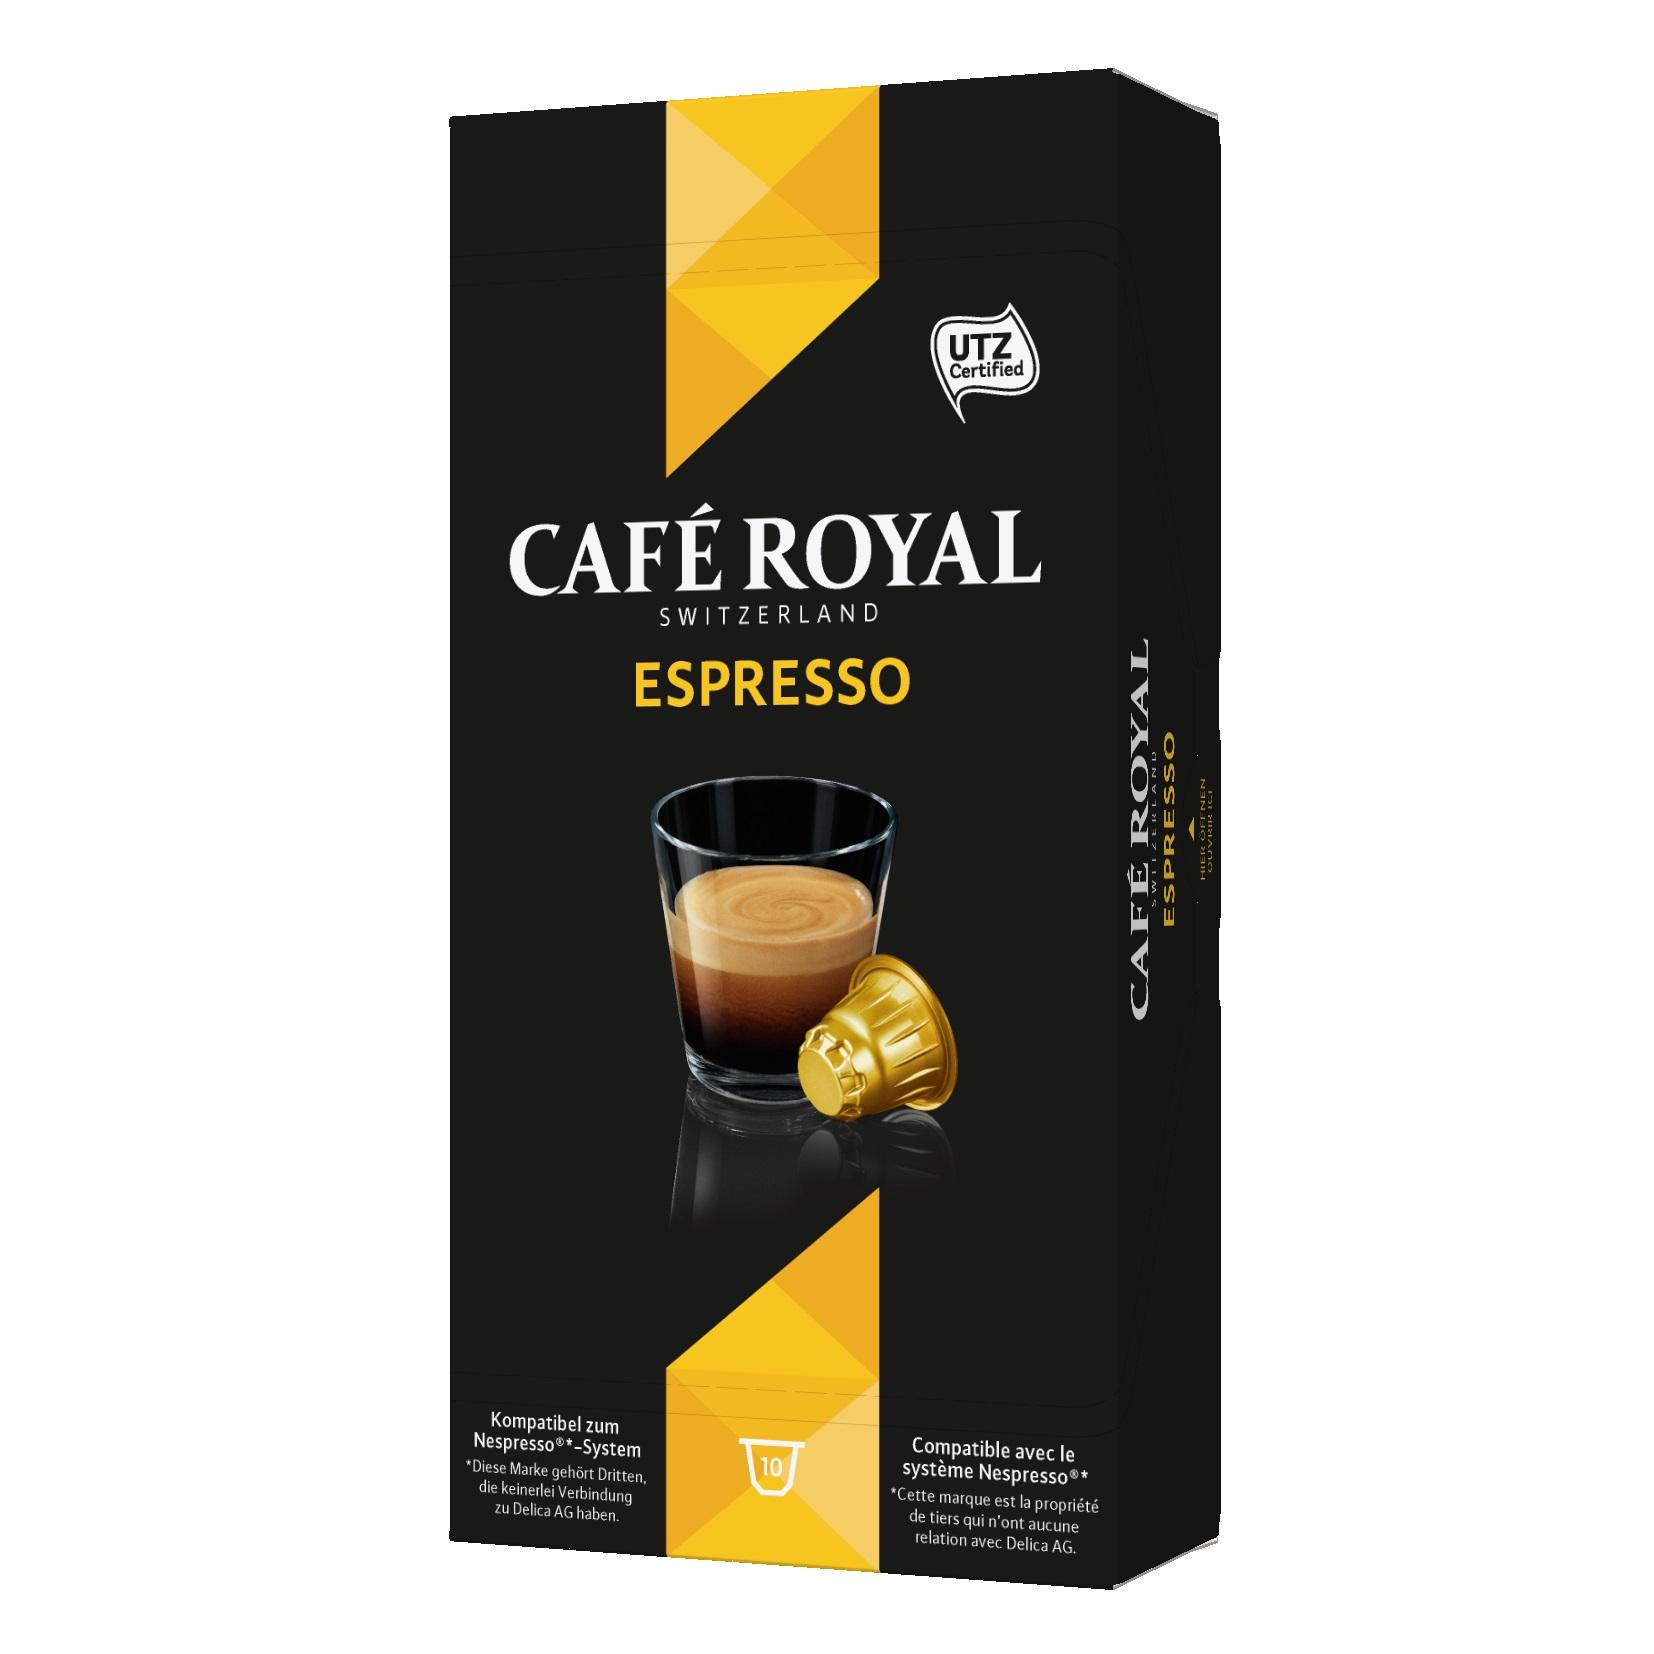 Cafe Royal Nespresso